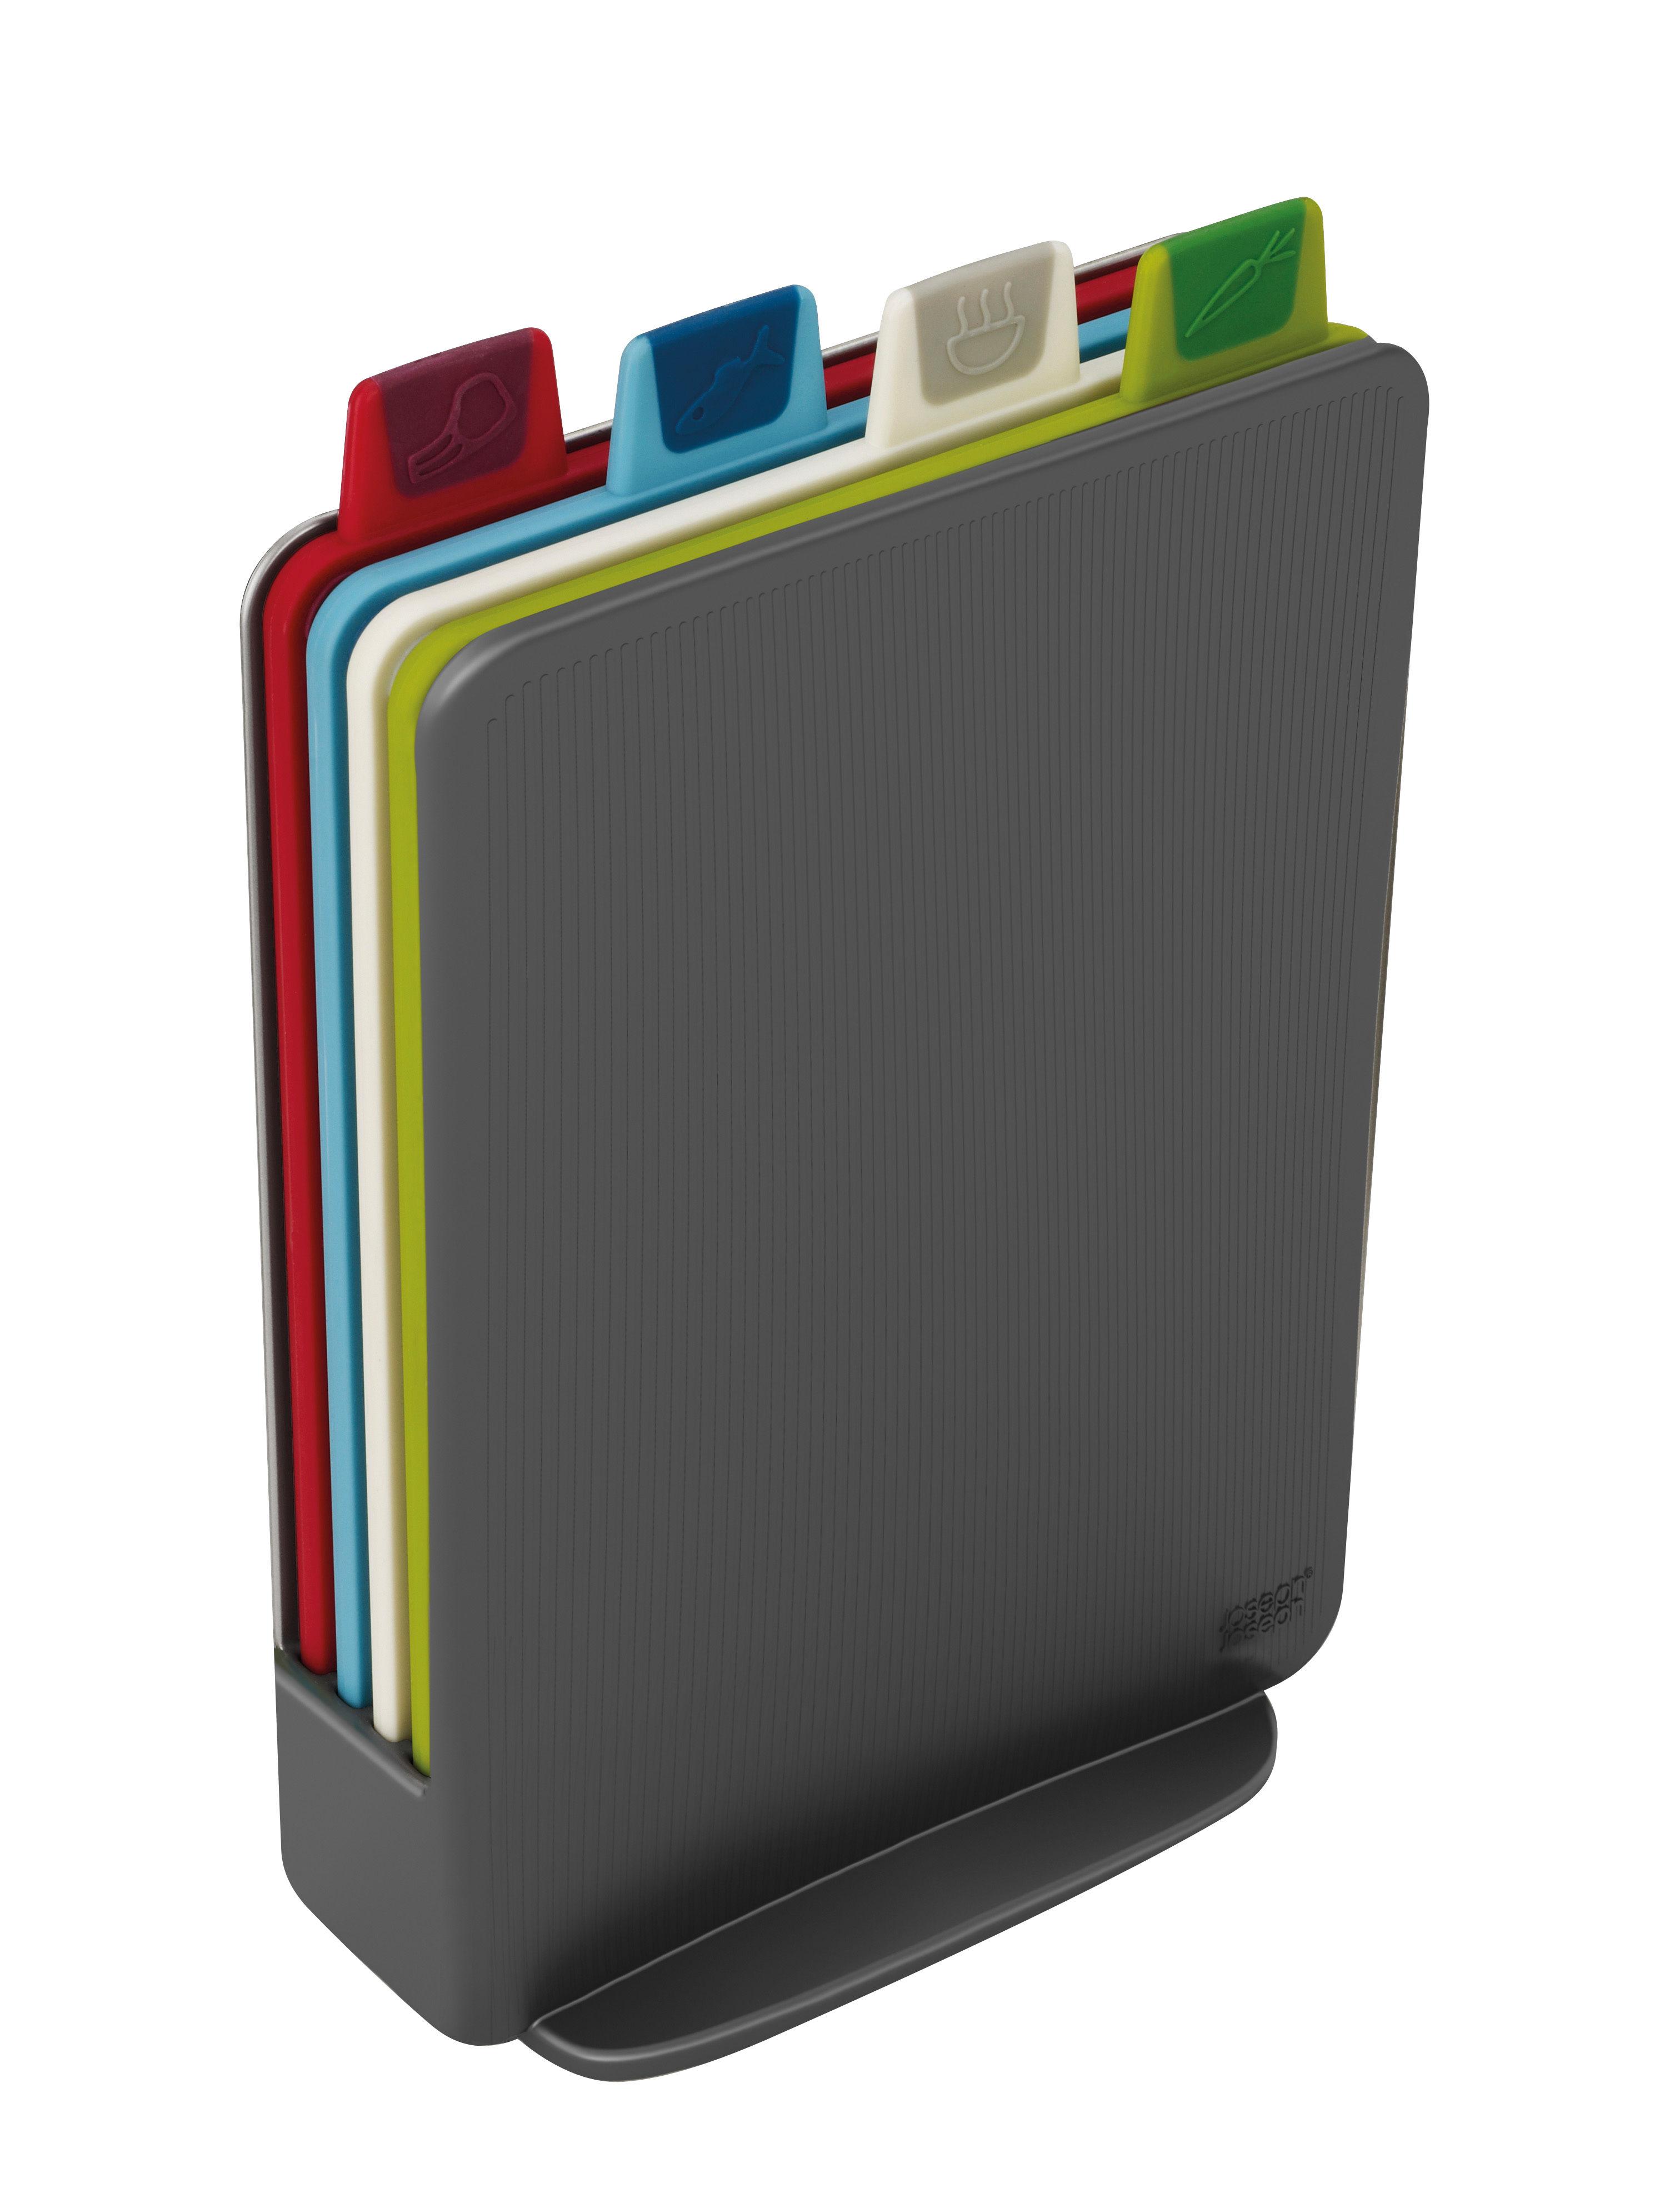 Cuisine - Ustensiles de cuisines - Planche à découper Index Mini / Set de 4 + support - 15 x 21 cm - Joseph Joseph - Anthracite - Plastique